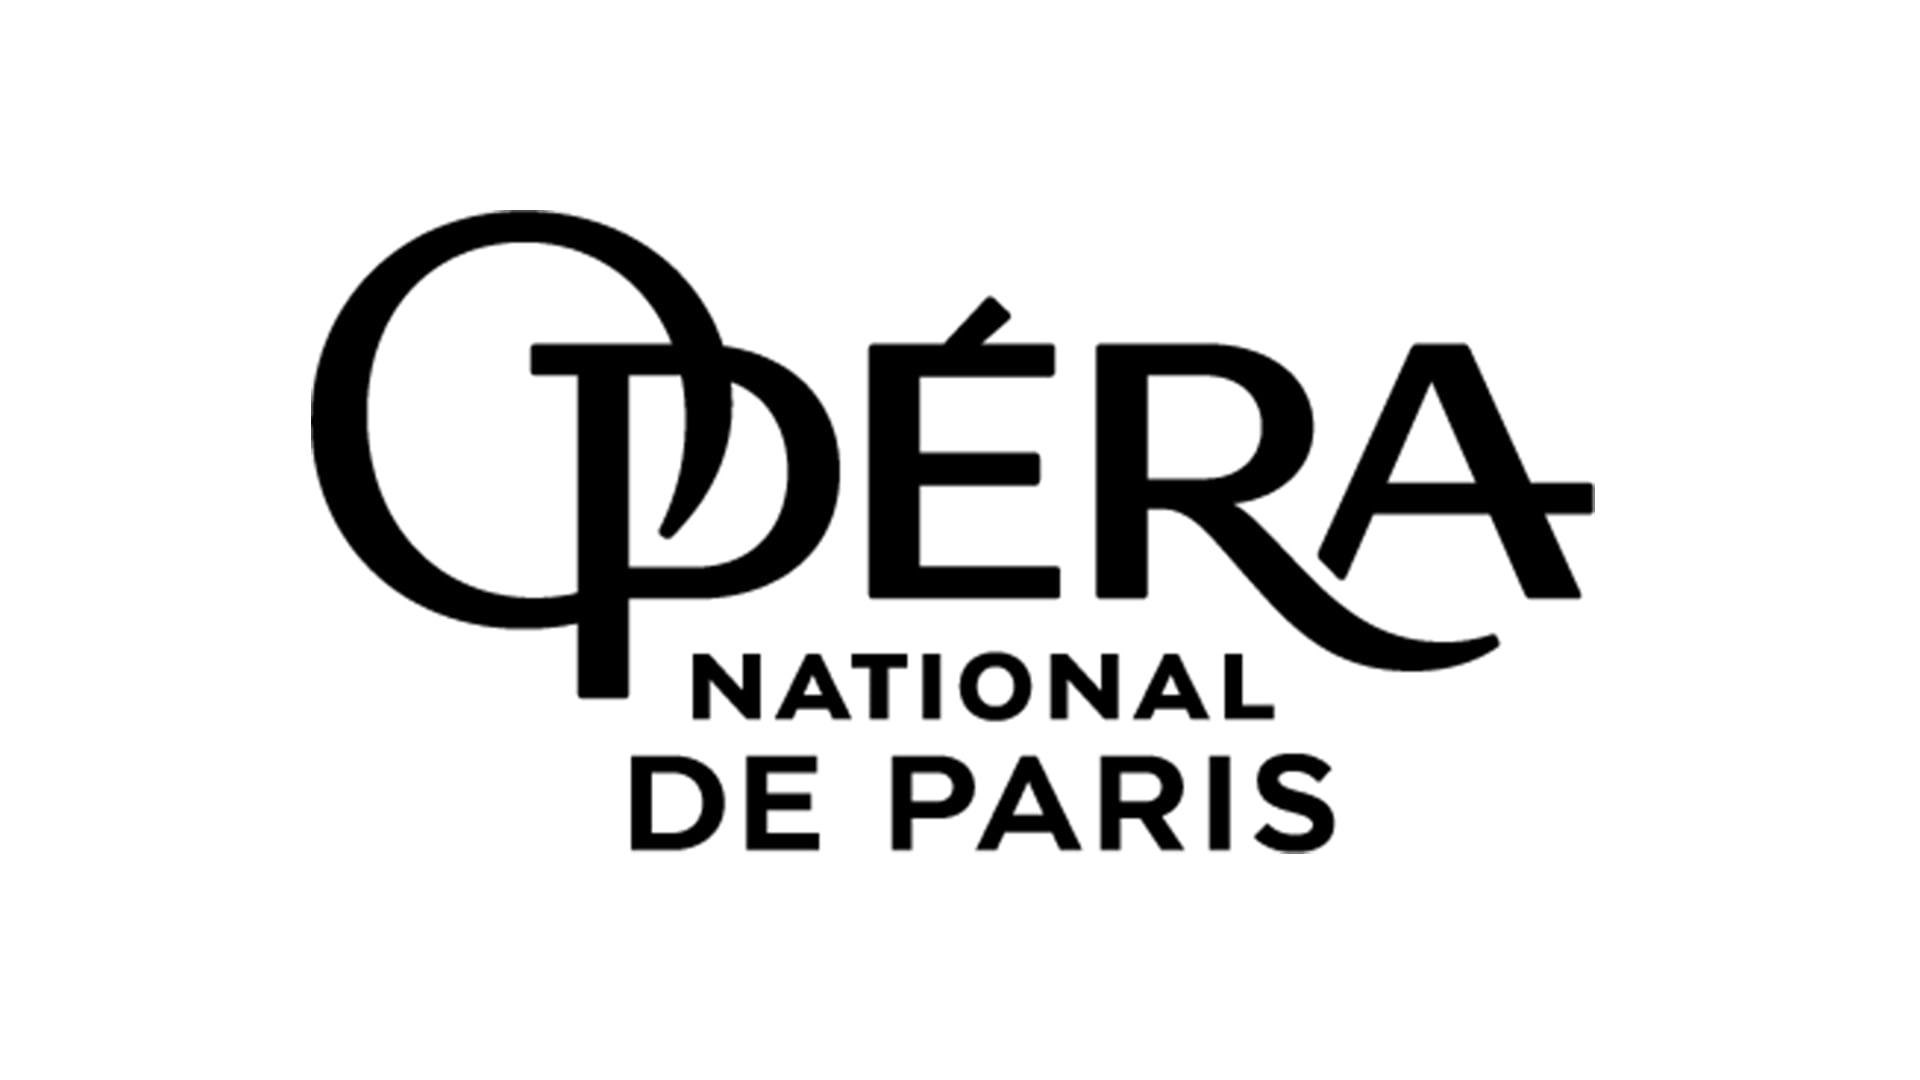 Ópera nacional de París